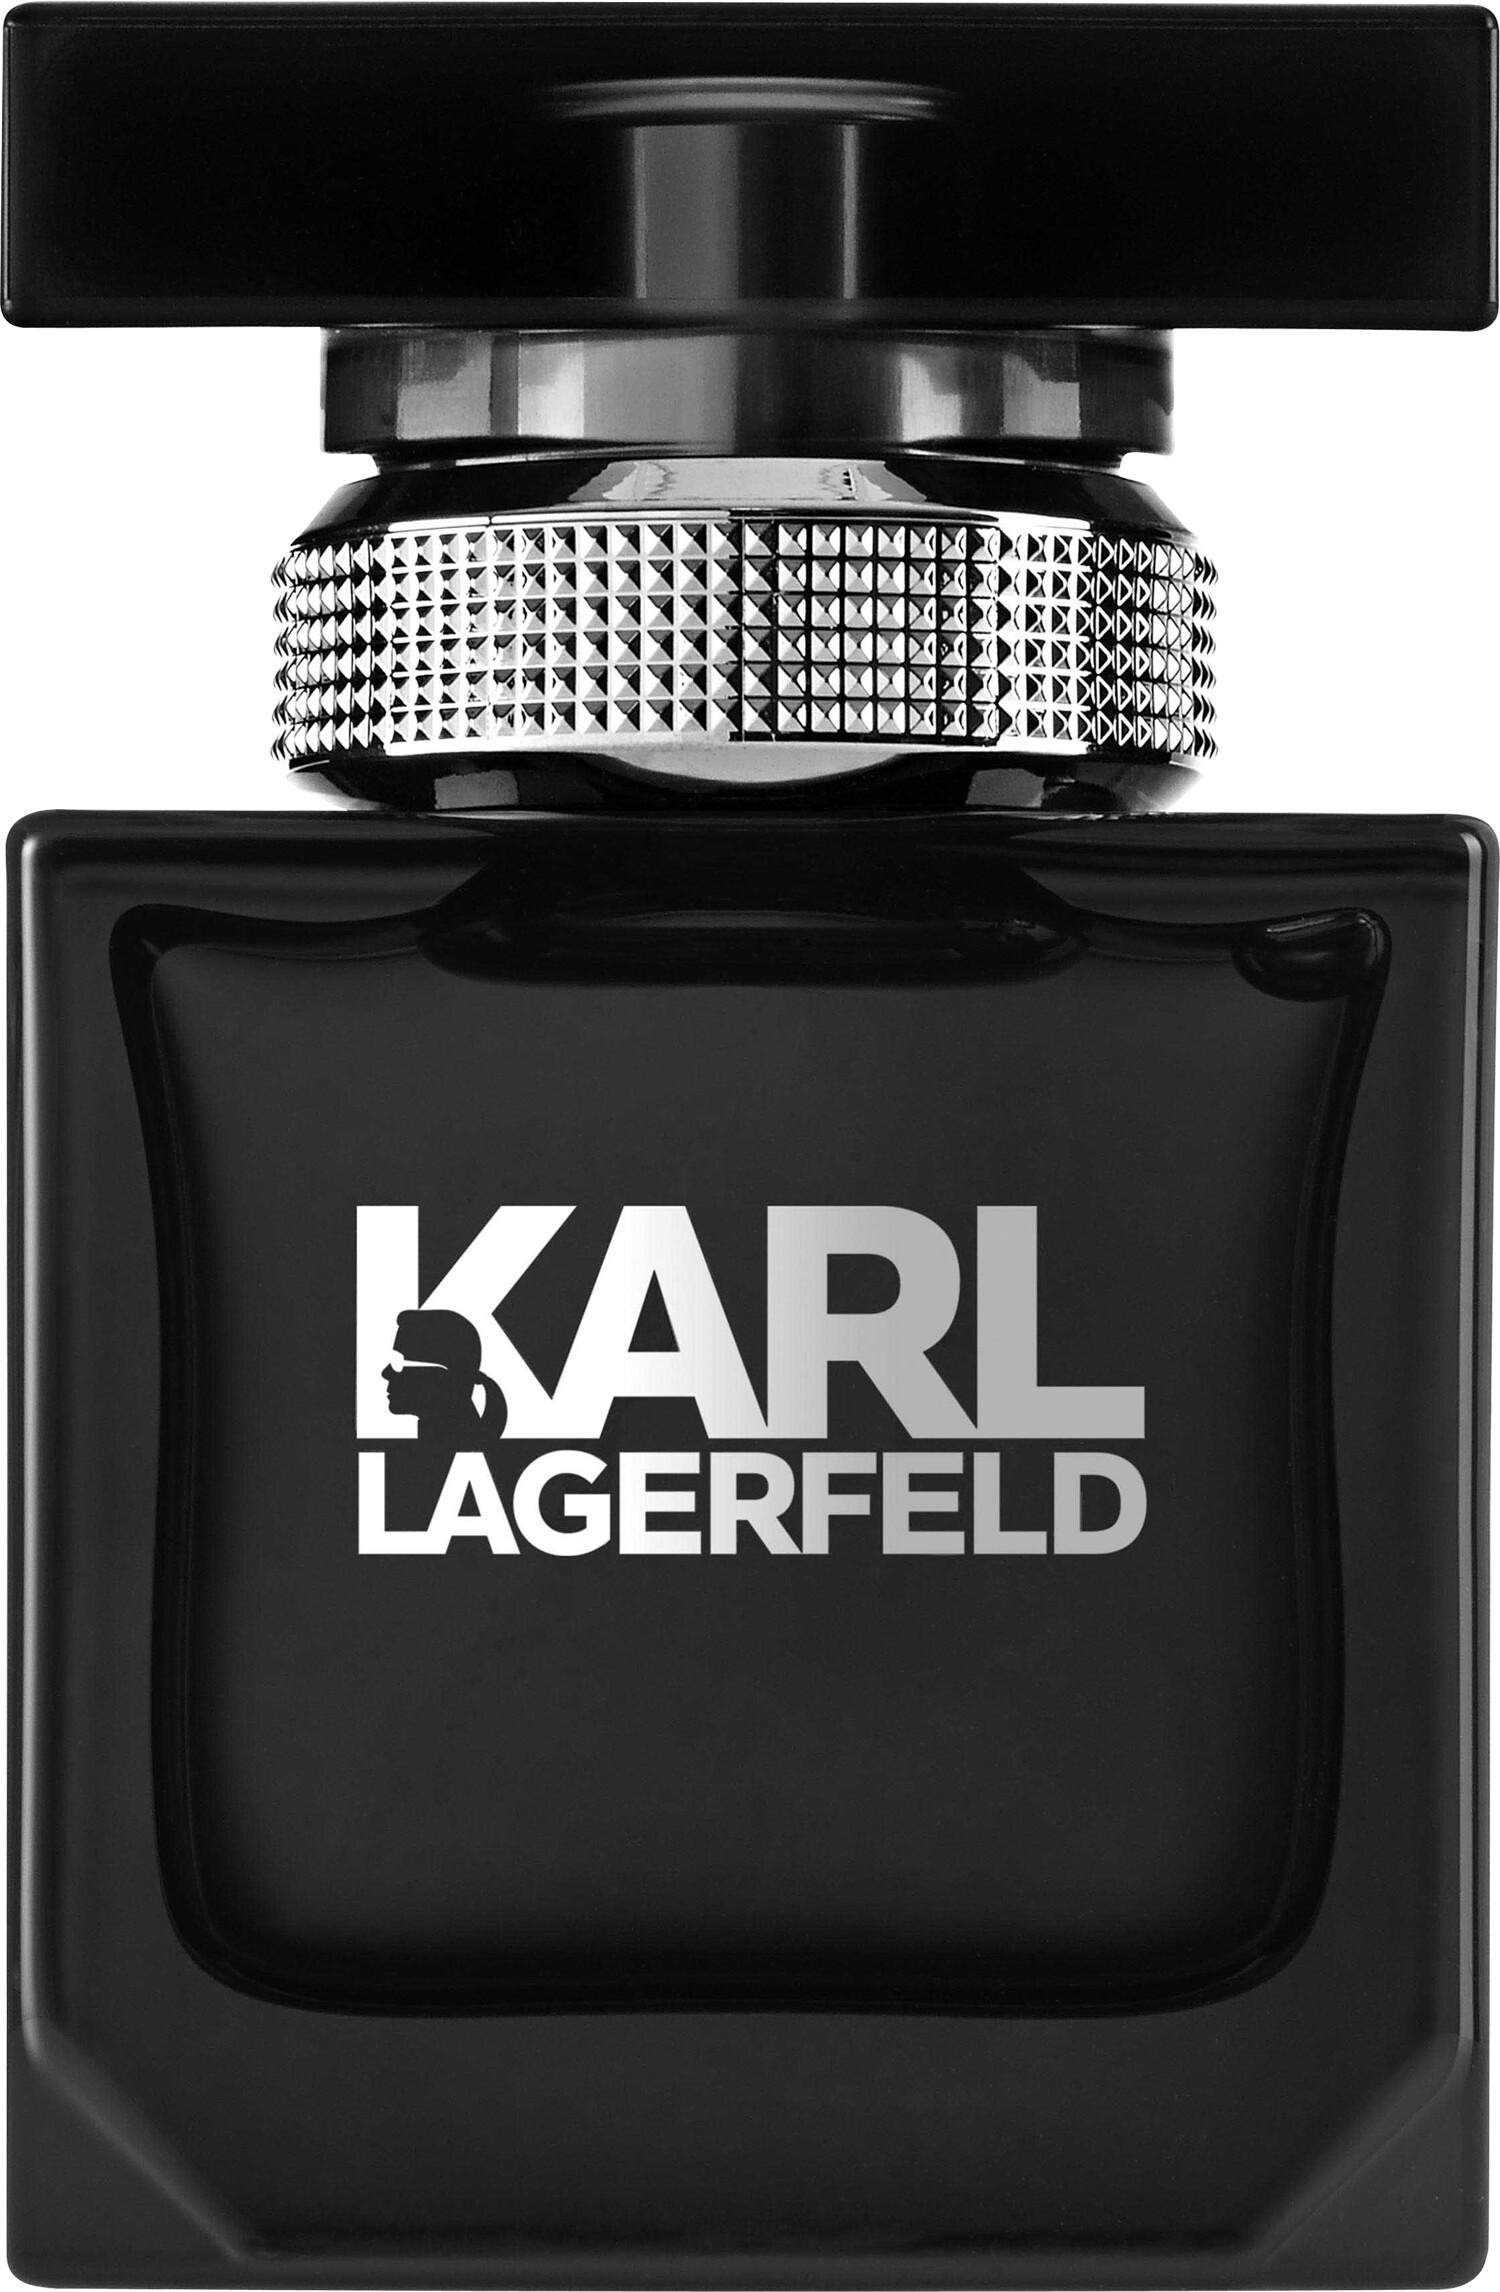 Eau Homme De Karl Pour Toilette Lagerfeld Spray D2IYe9bEWH